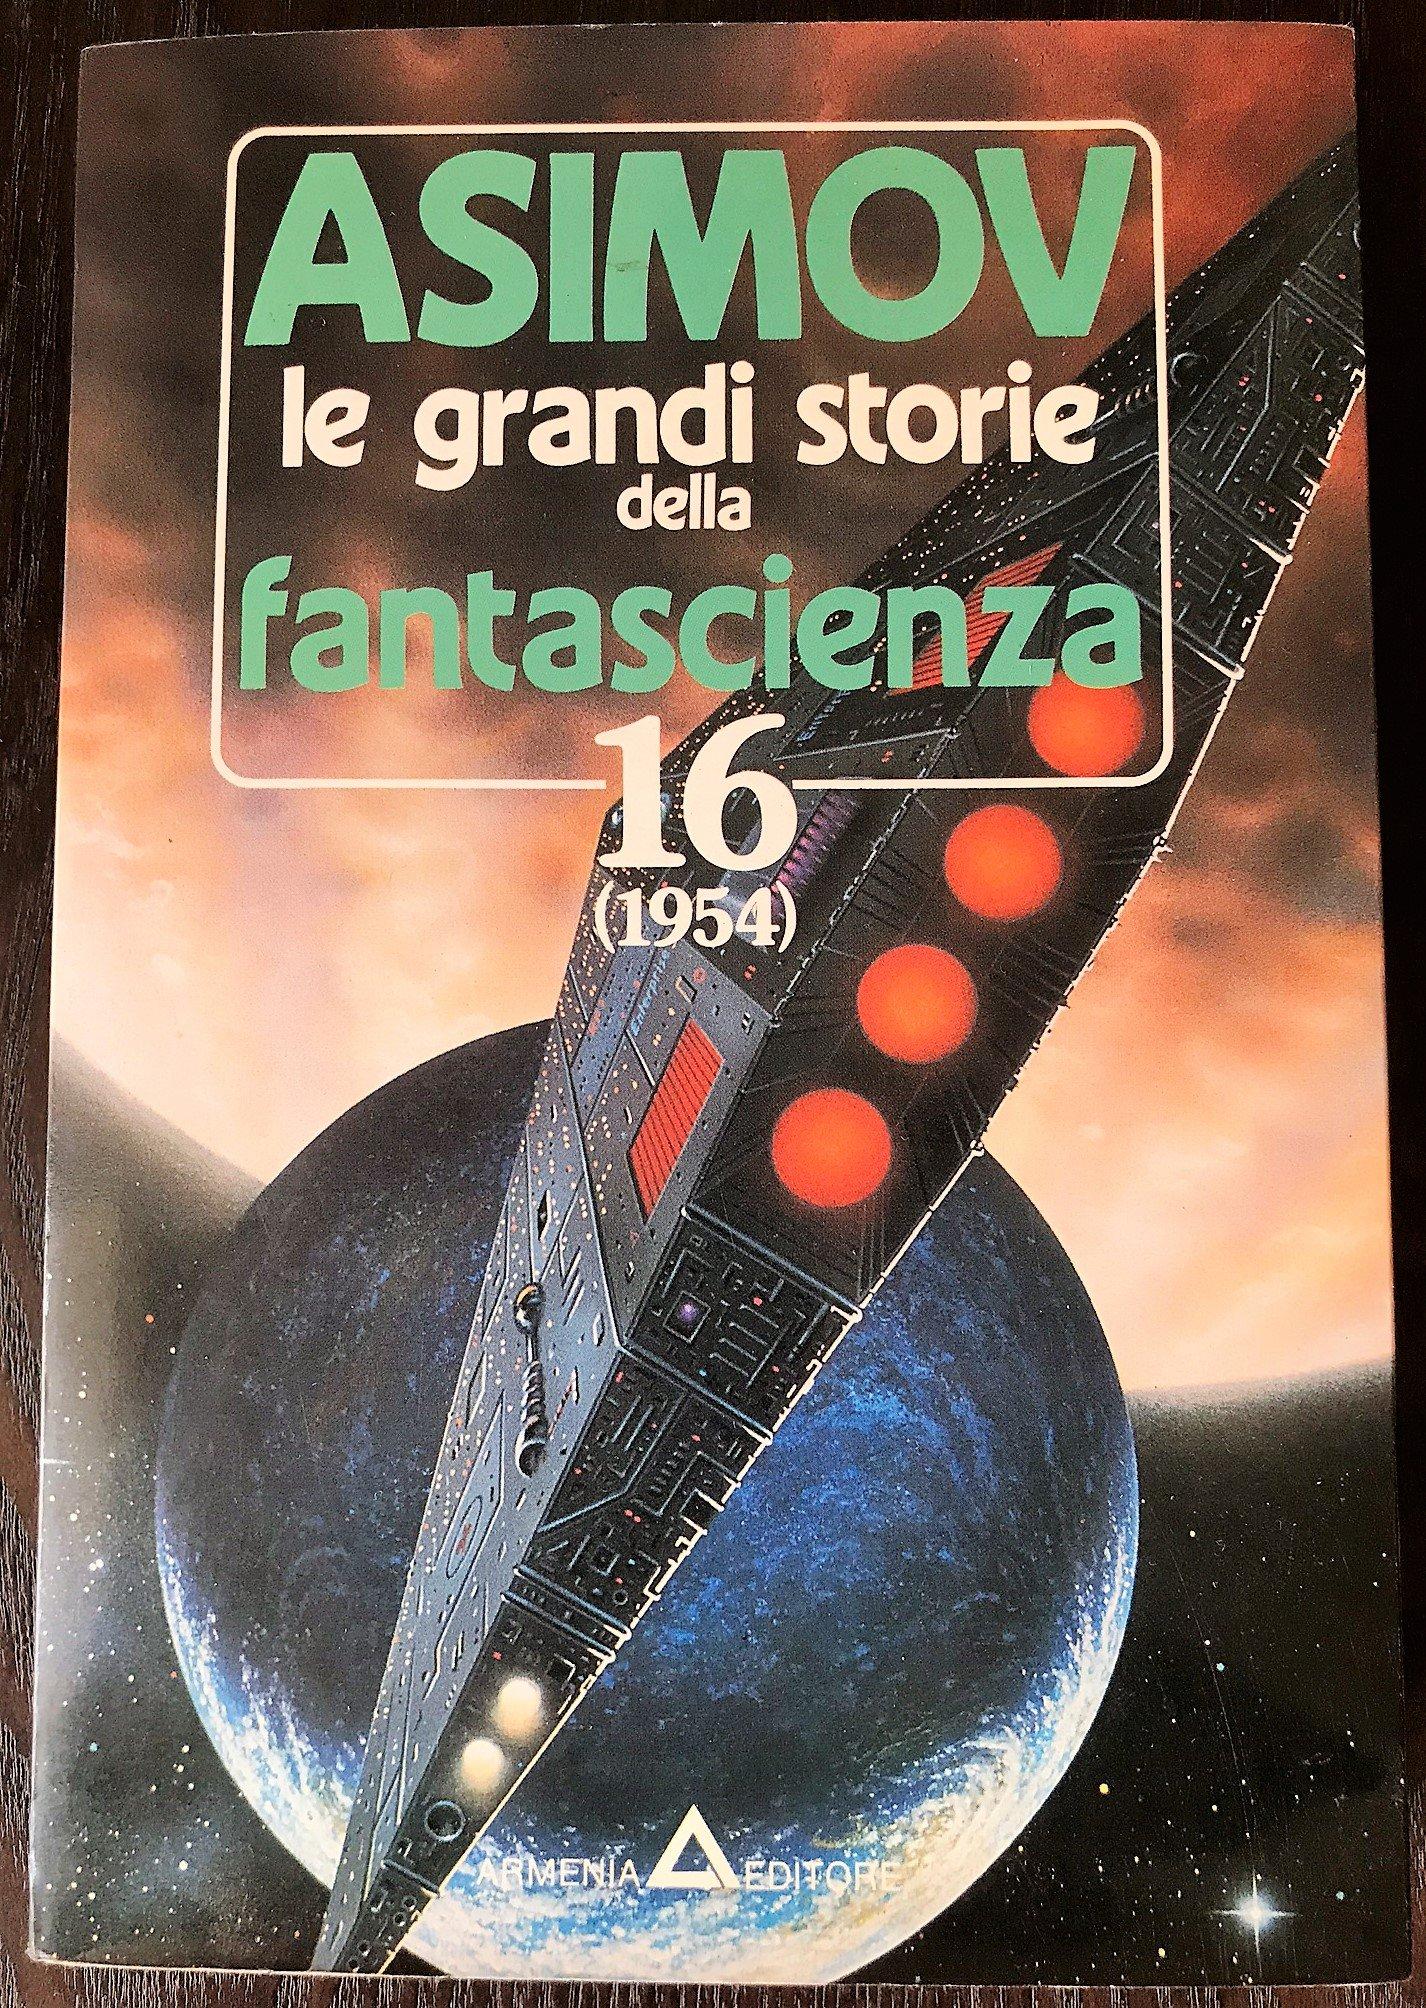 le grandi storie della fantascienza onironautaidiosincratico.blogspot.it